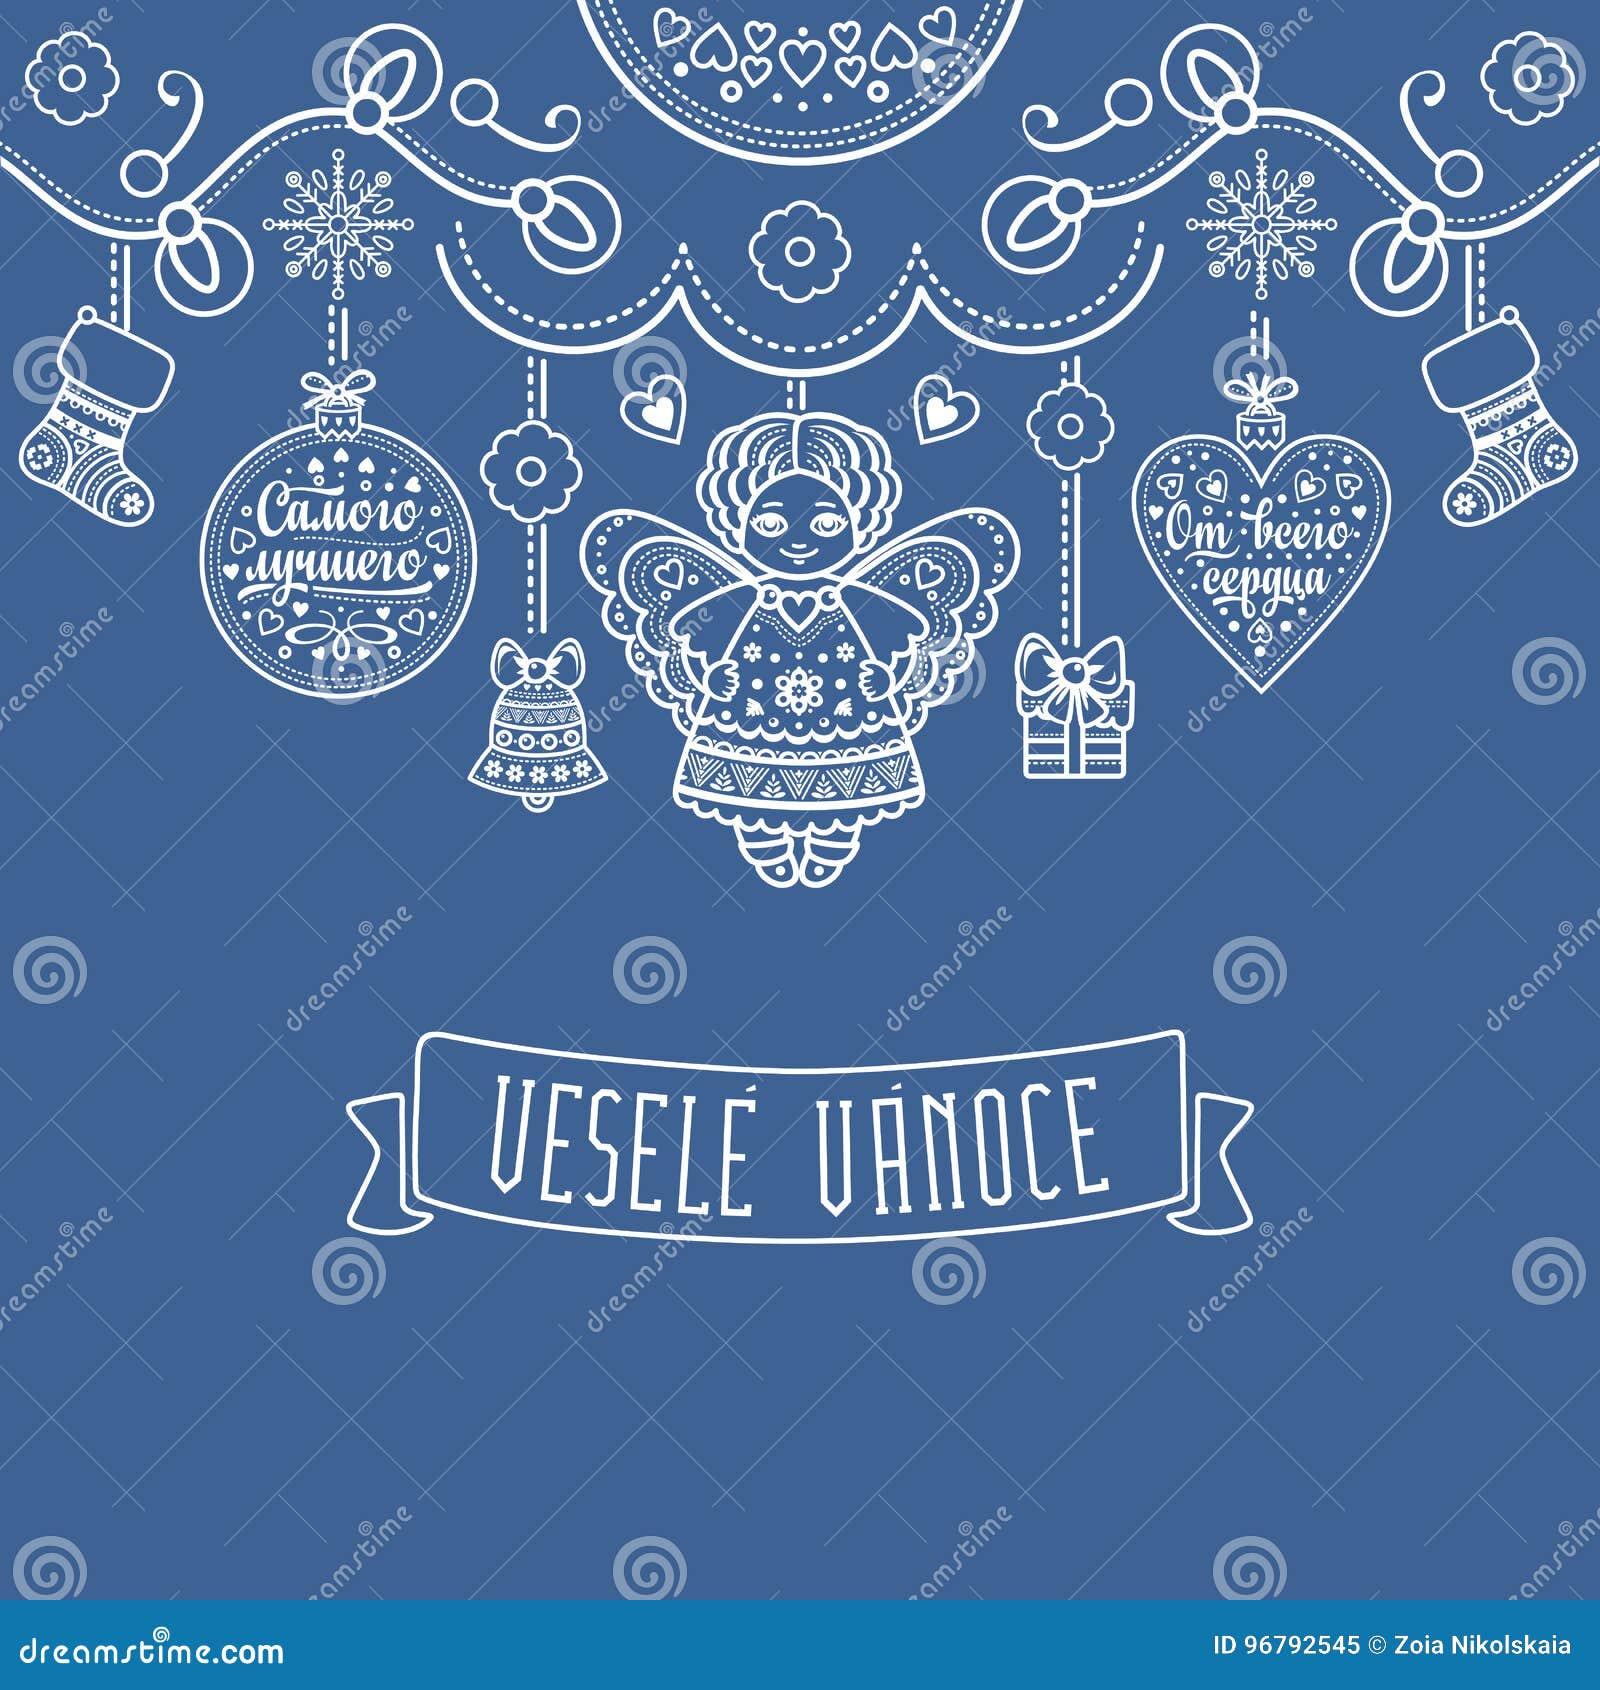 Frohe Weihnachten Und Ein Gutes Neues Jahr Tschechisch.Vesele Vanoce Vektor Tschechische Sprache Warm Vektor